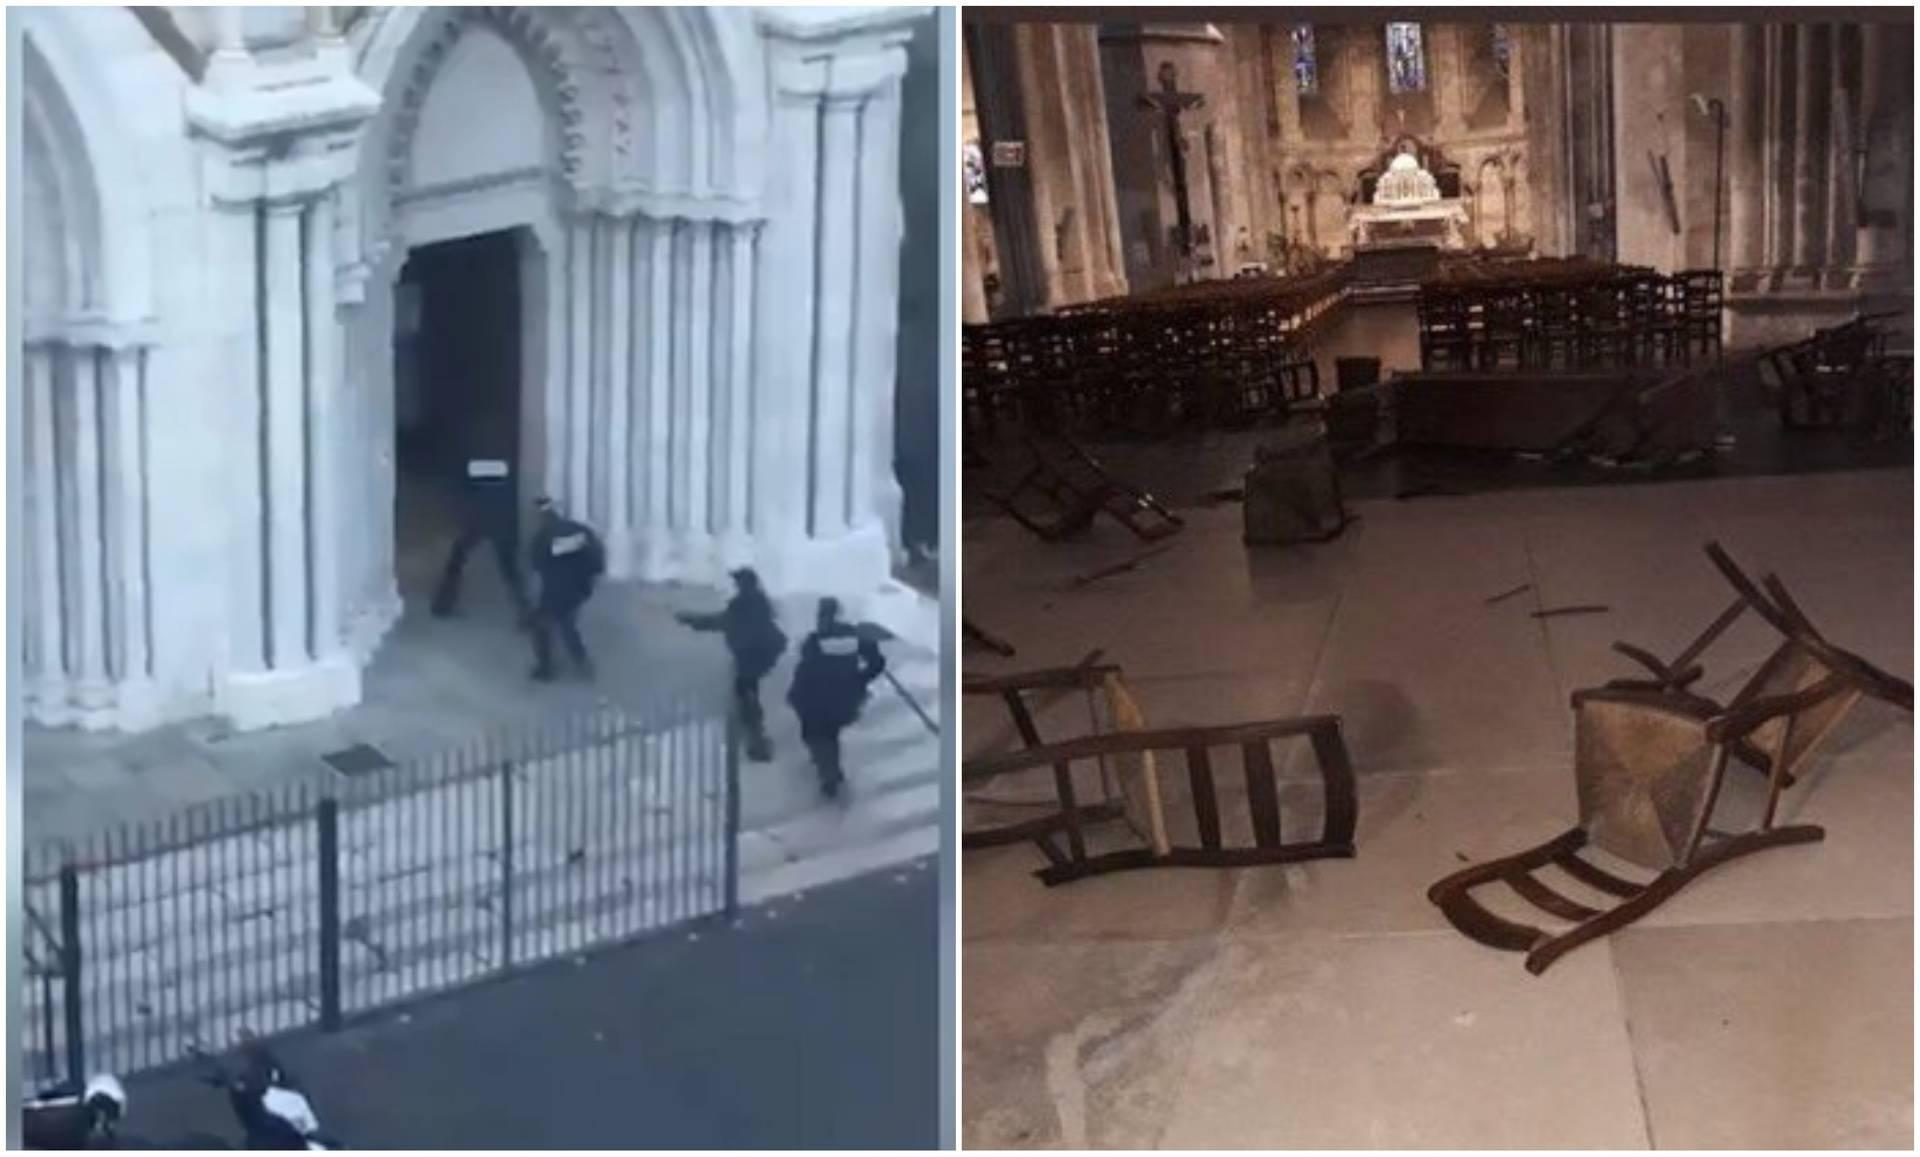 Trenuci užasa u Nici: Policajci uletavaju u crkvu, a napadač se sprema odrubiti taocima glave